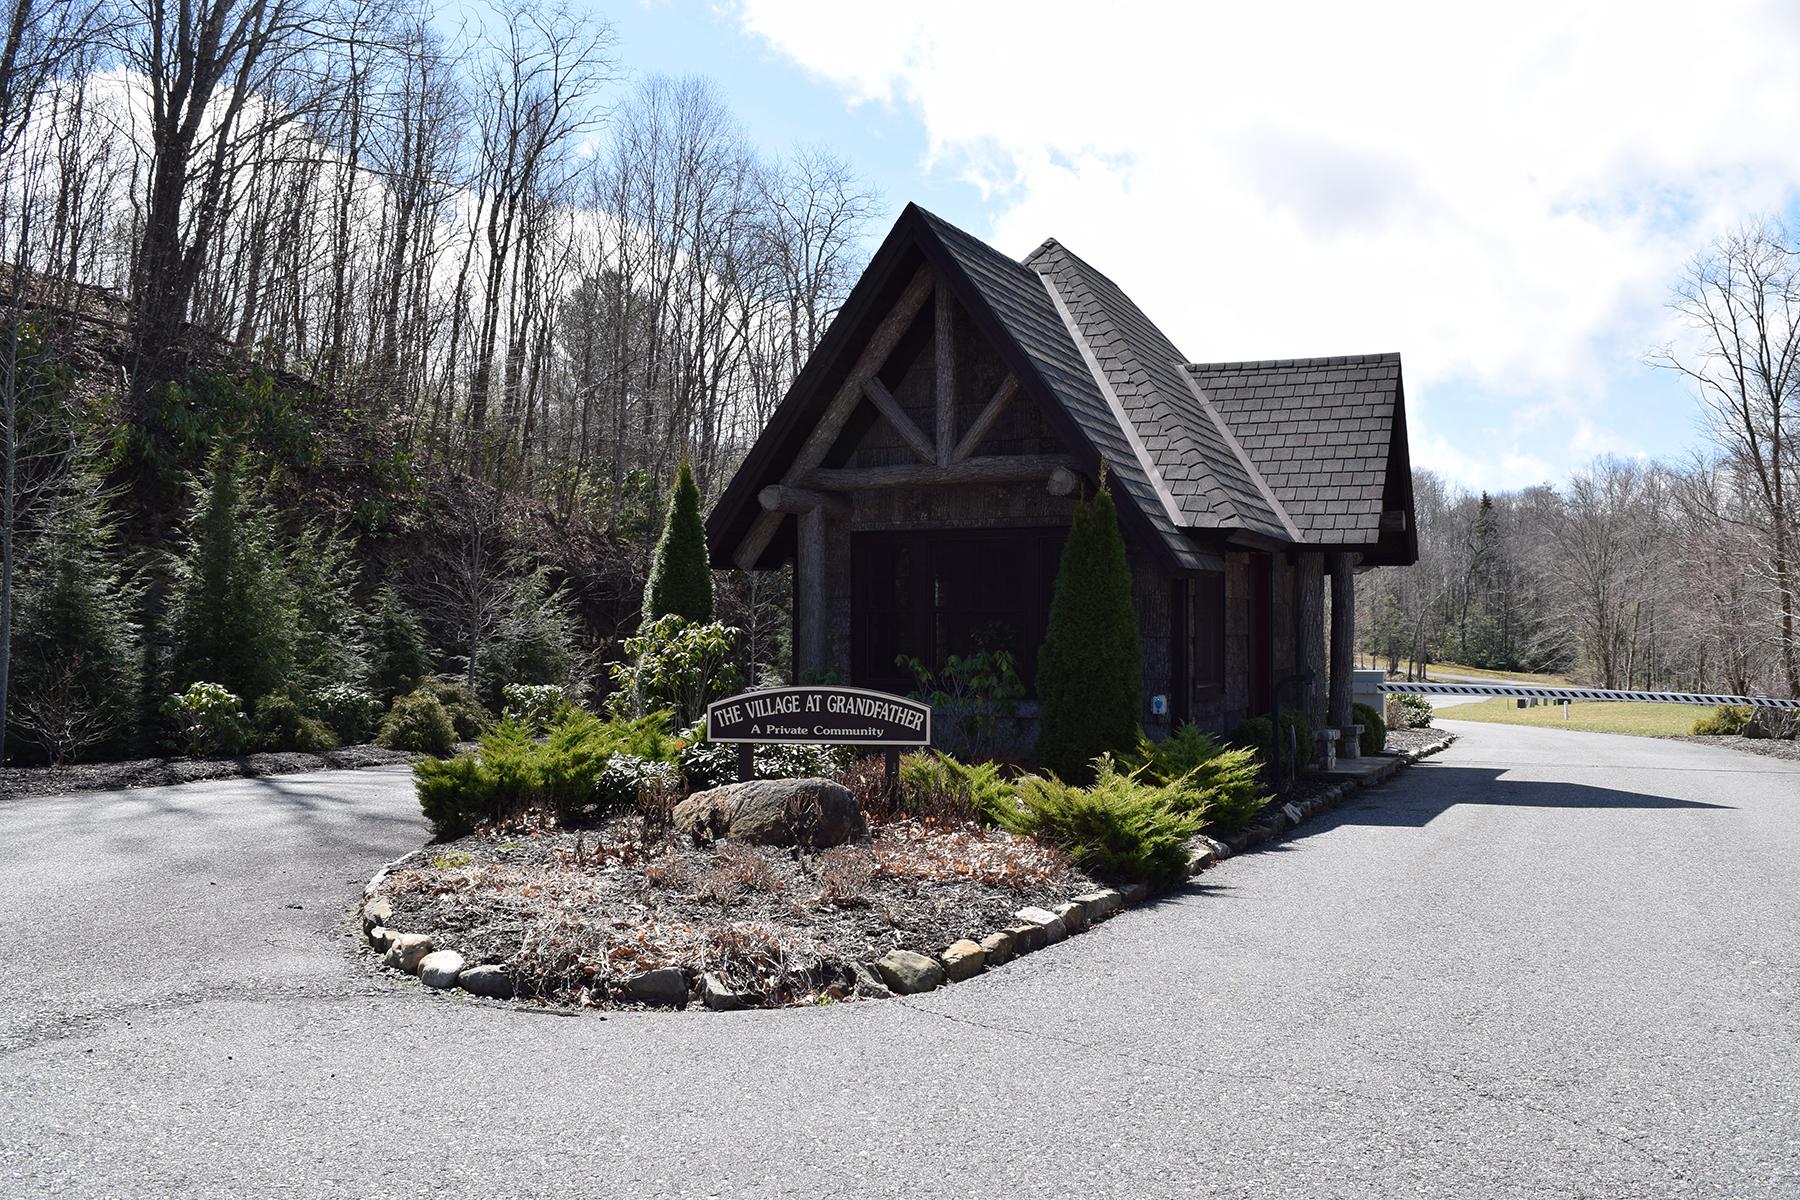 土地 のために 売買 アット LINVILLE - THE VILLAGE AT GRANDFATHER TBD Trillium Rd. (lot 11) Linville, ノースカロライナ, 28646 アメリカ合衆国